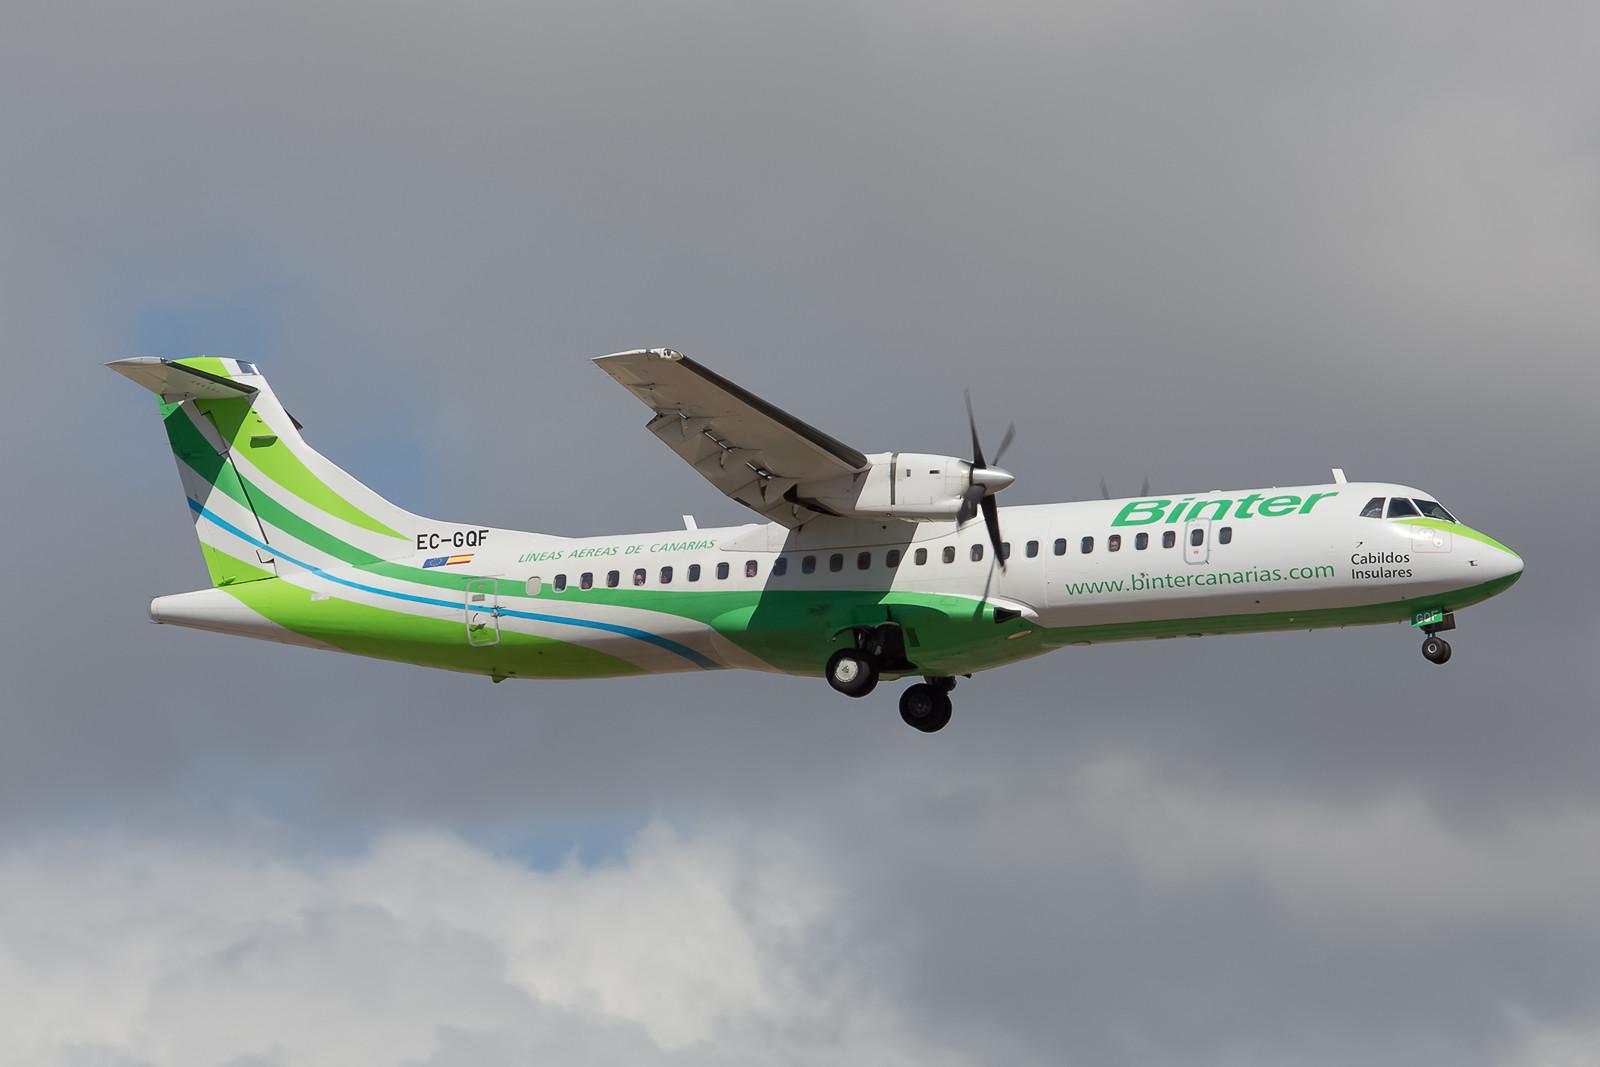 Zwischen den Kanarischen Inseln betreibt Binter Canarias ein dichtes Netz von Domesticflights mit ATR-72, hier die EC-GQF.